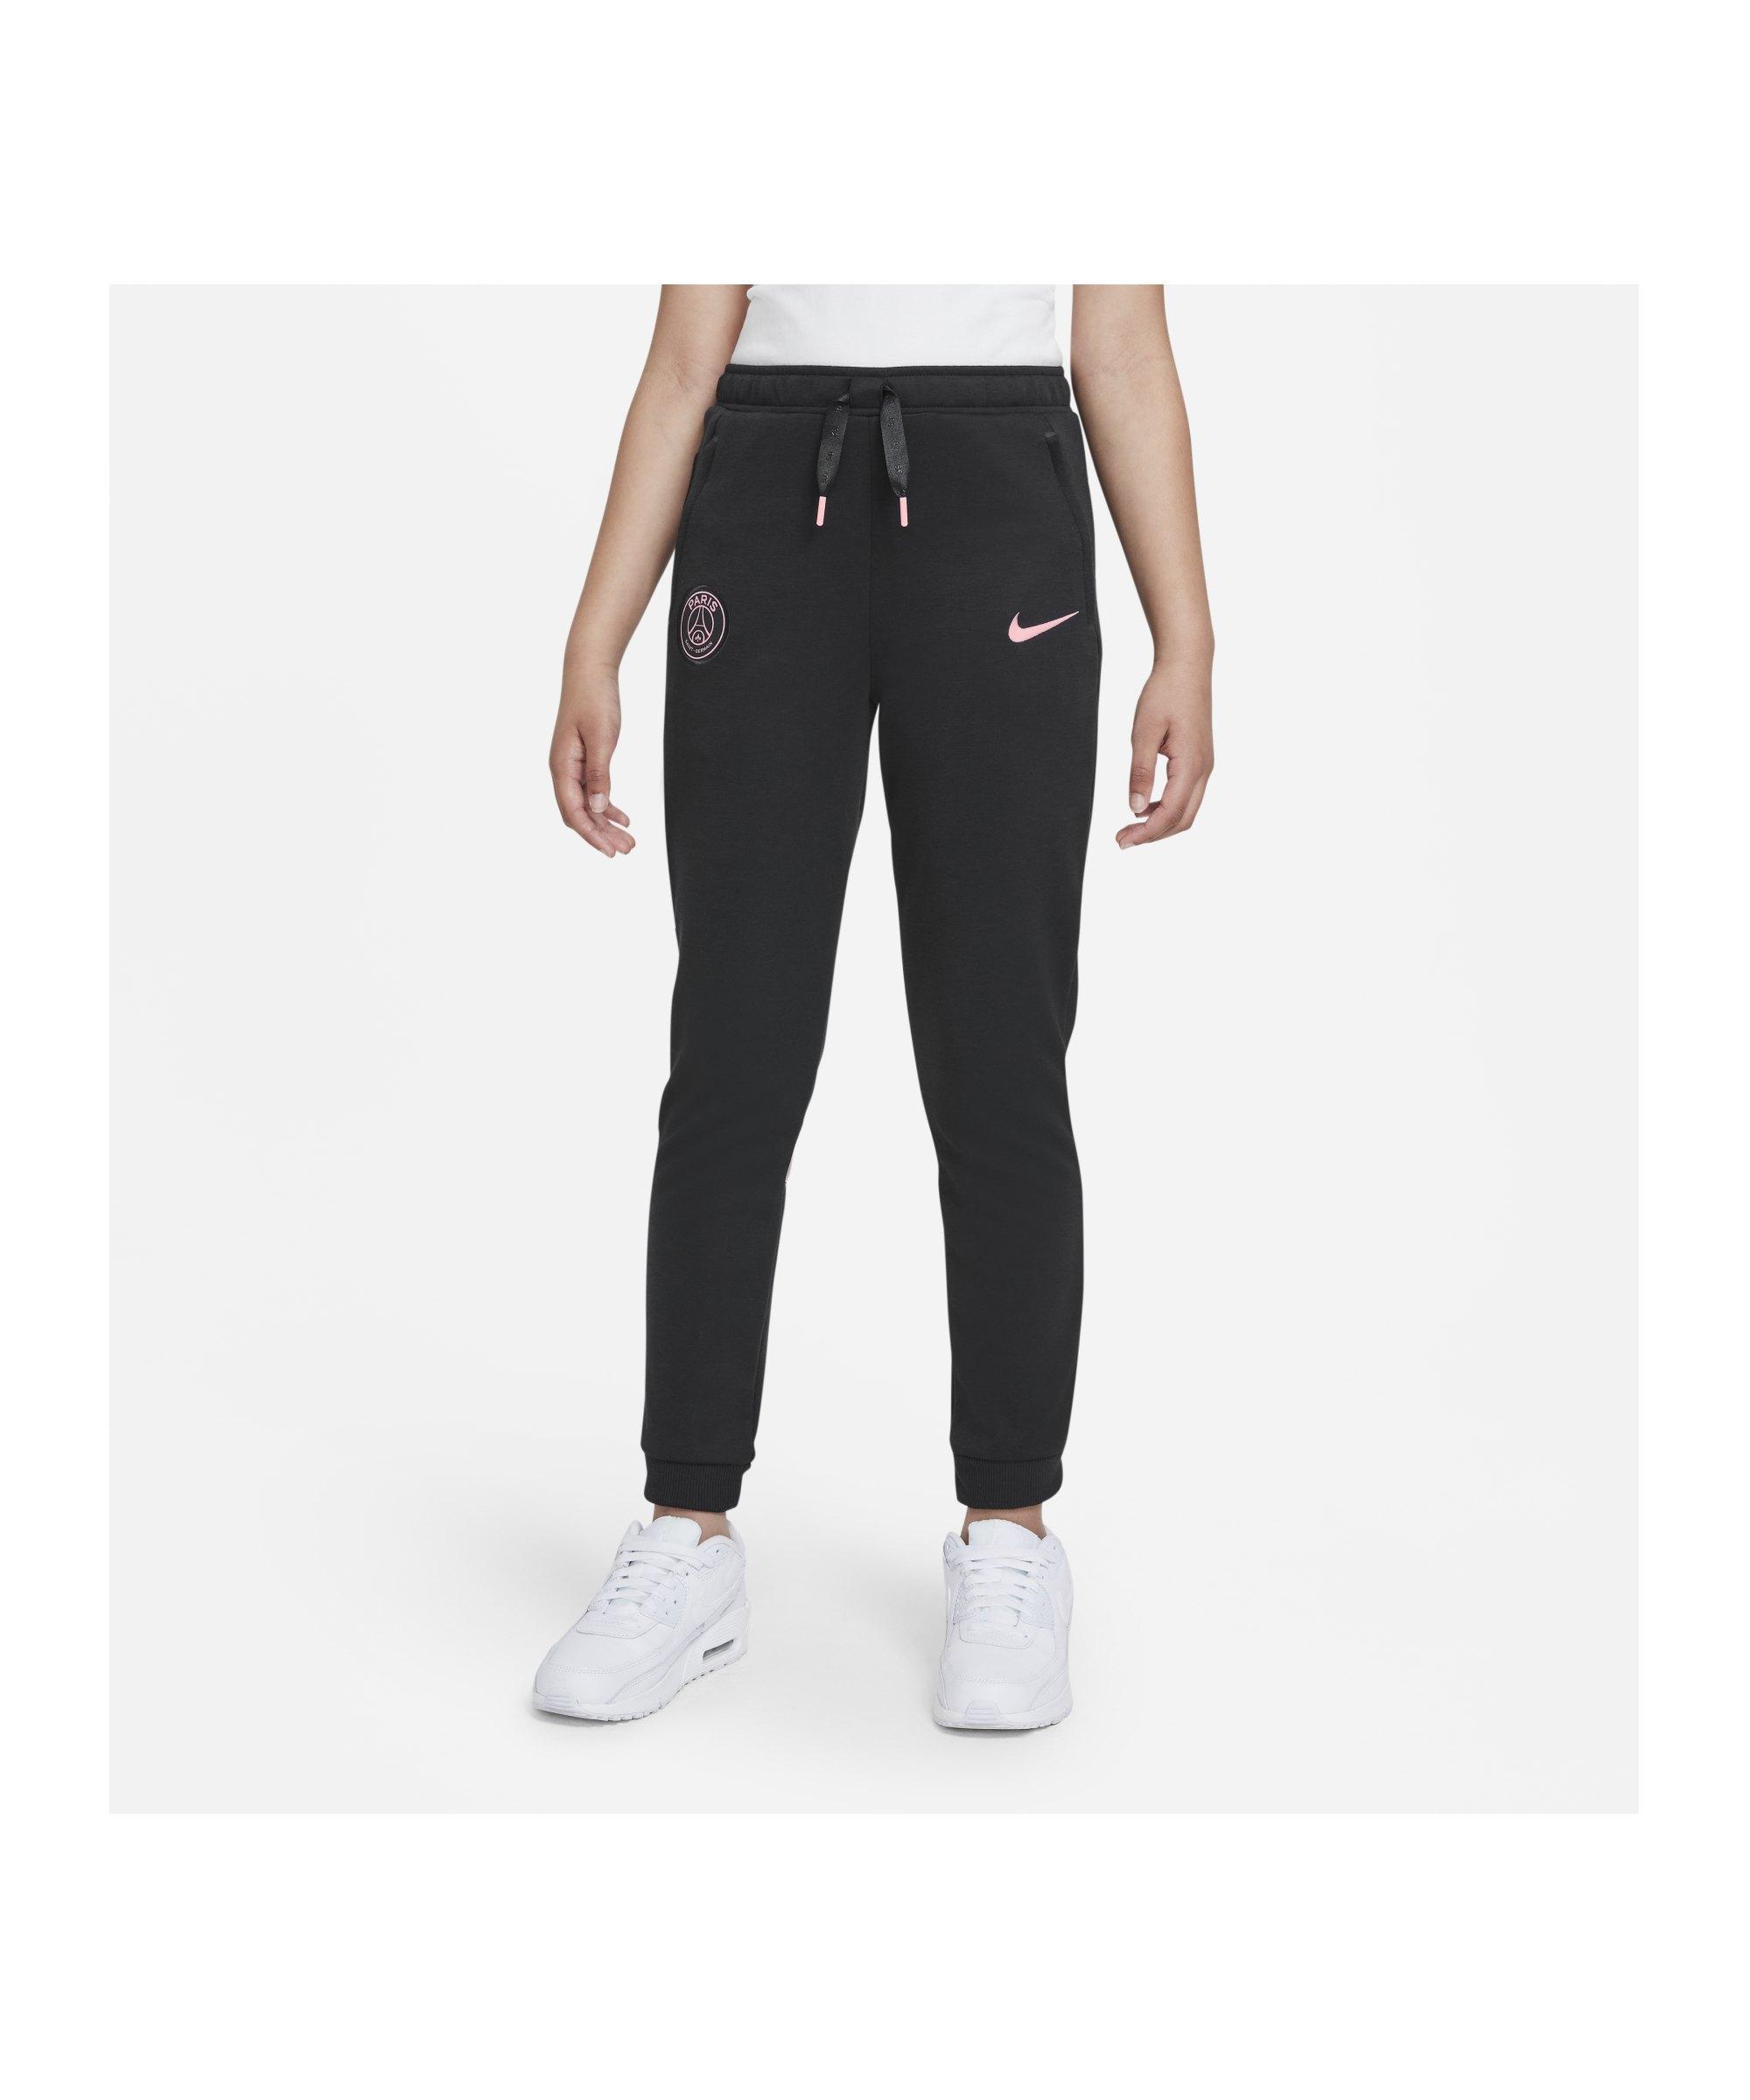 Nike Paris St. Germain Travel Trainingshose K F010 - schwarz